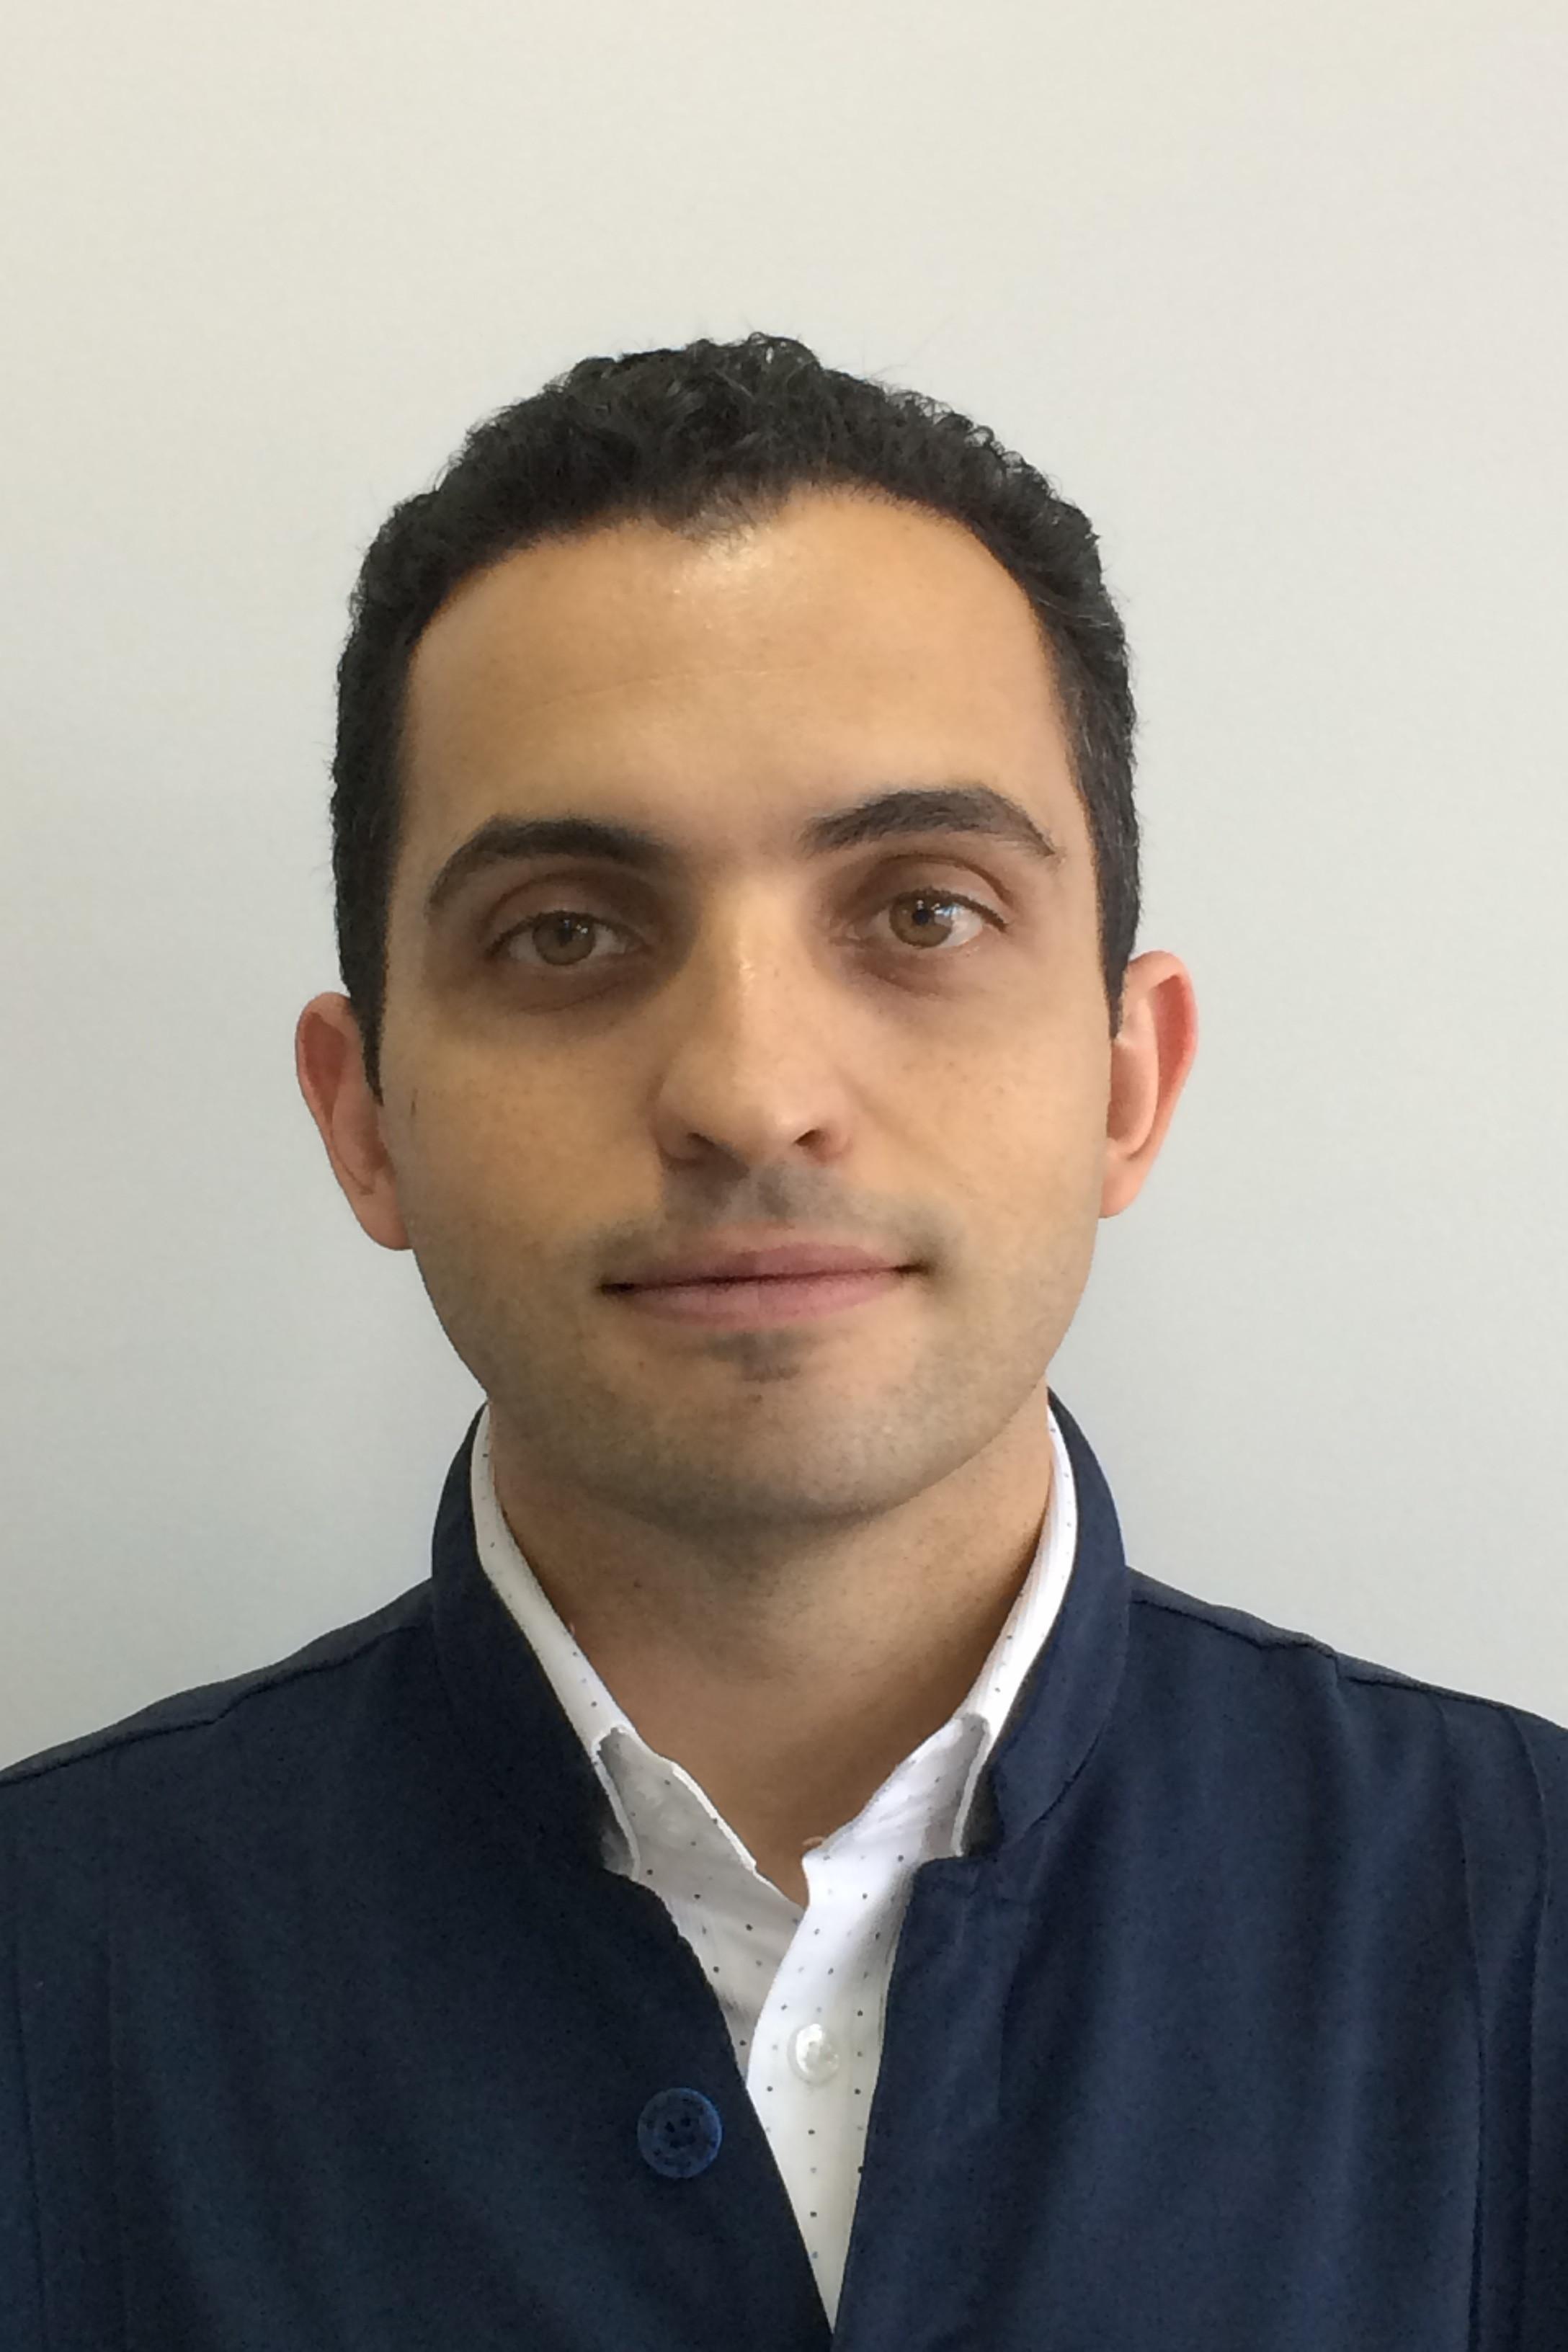 Dr. Fernando Dellazzana